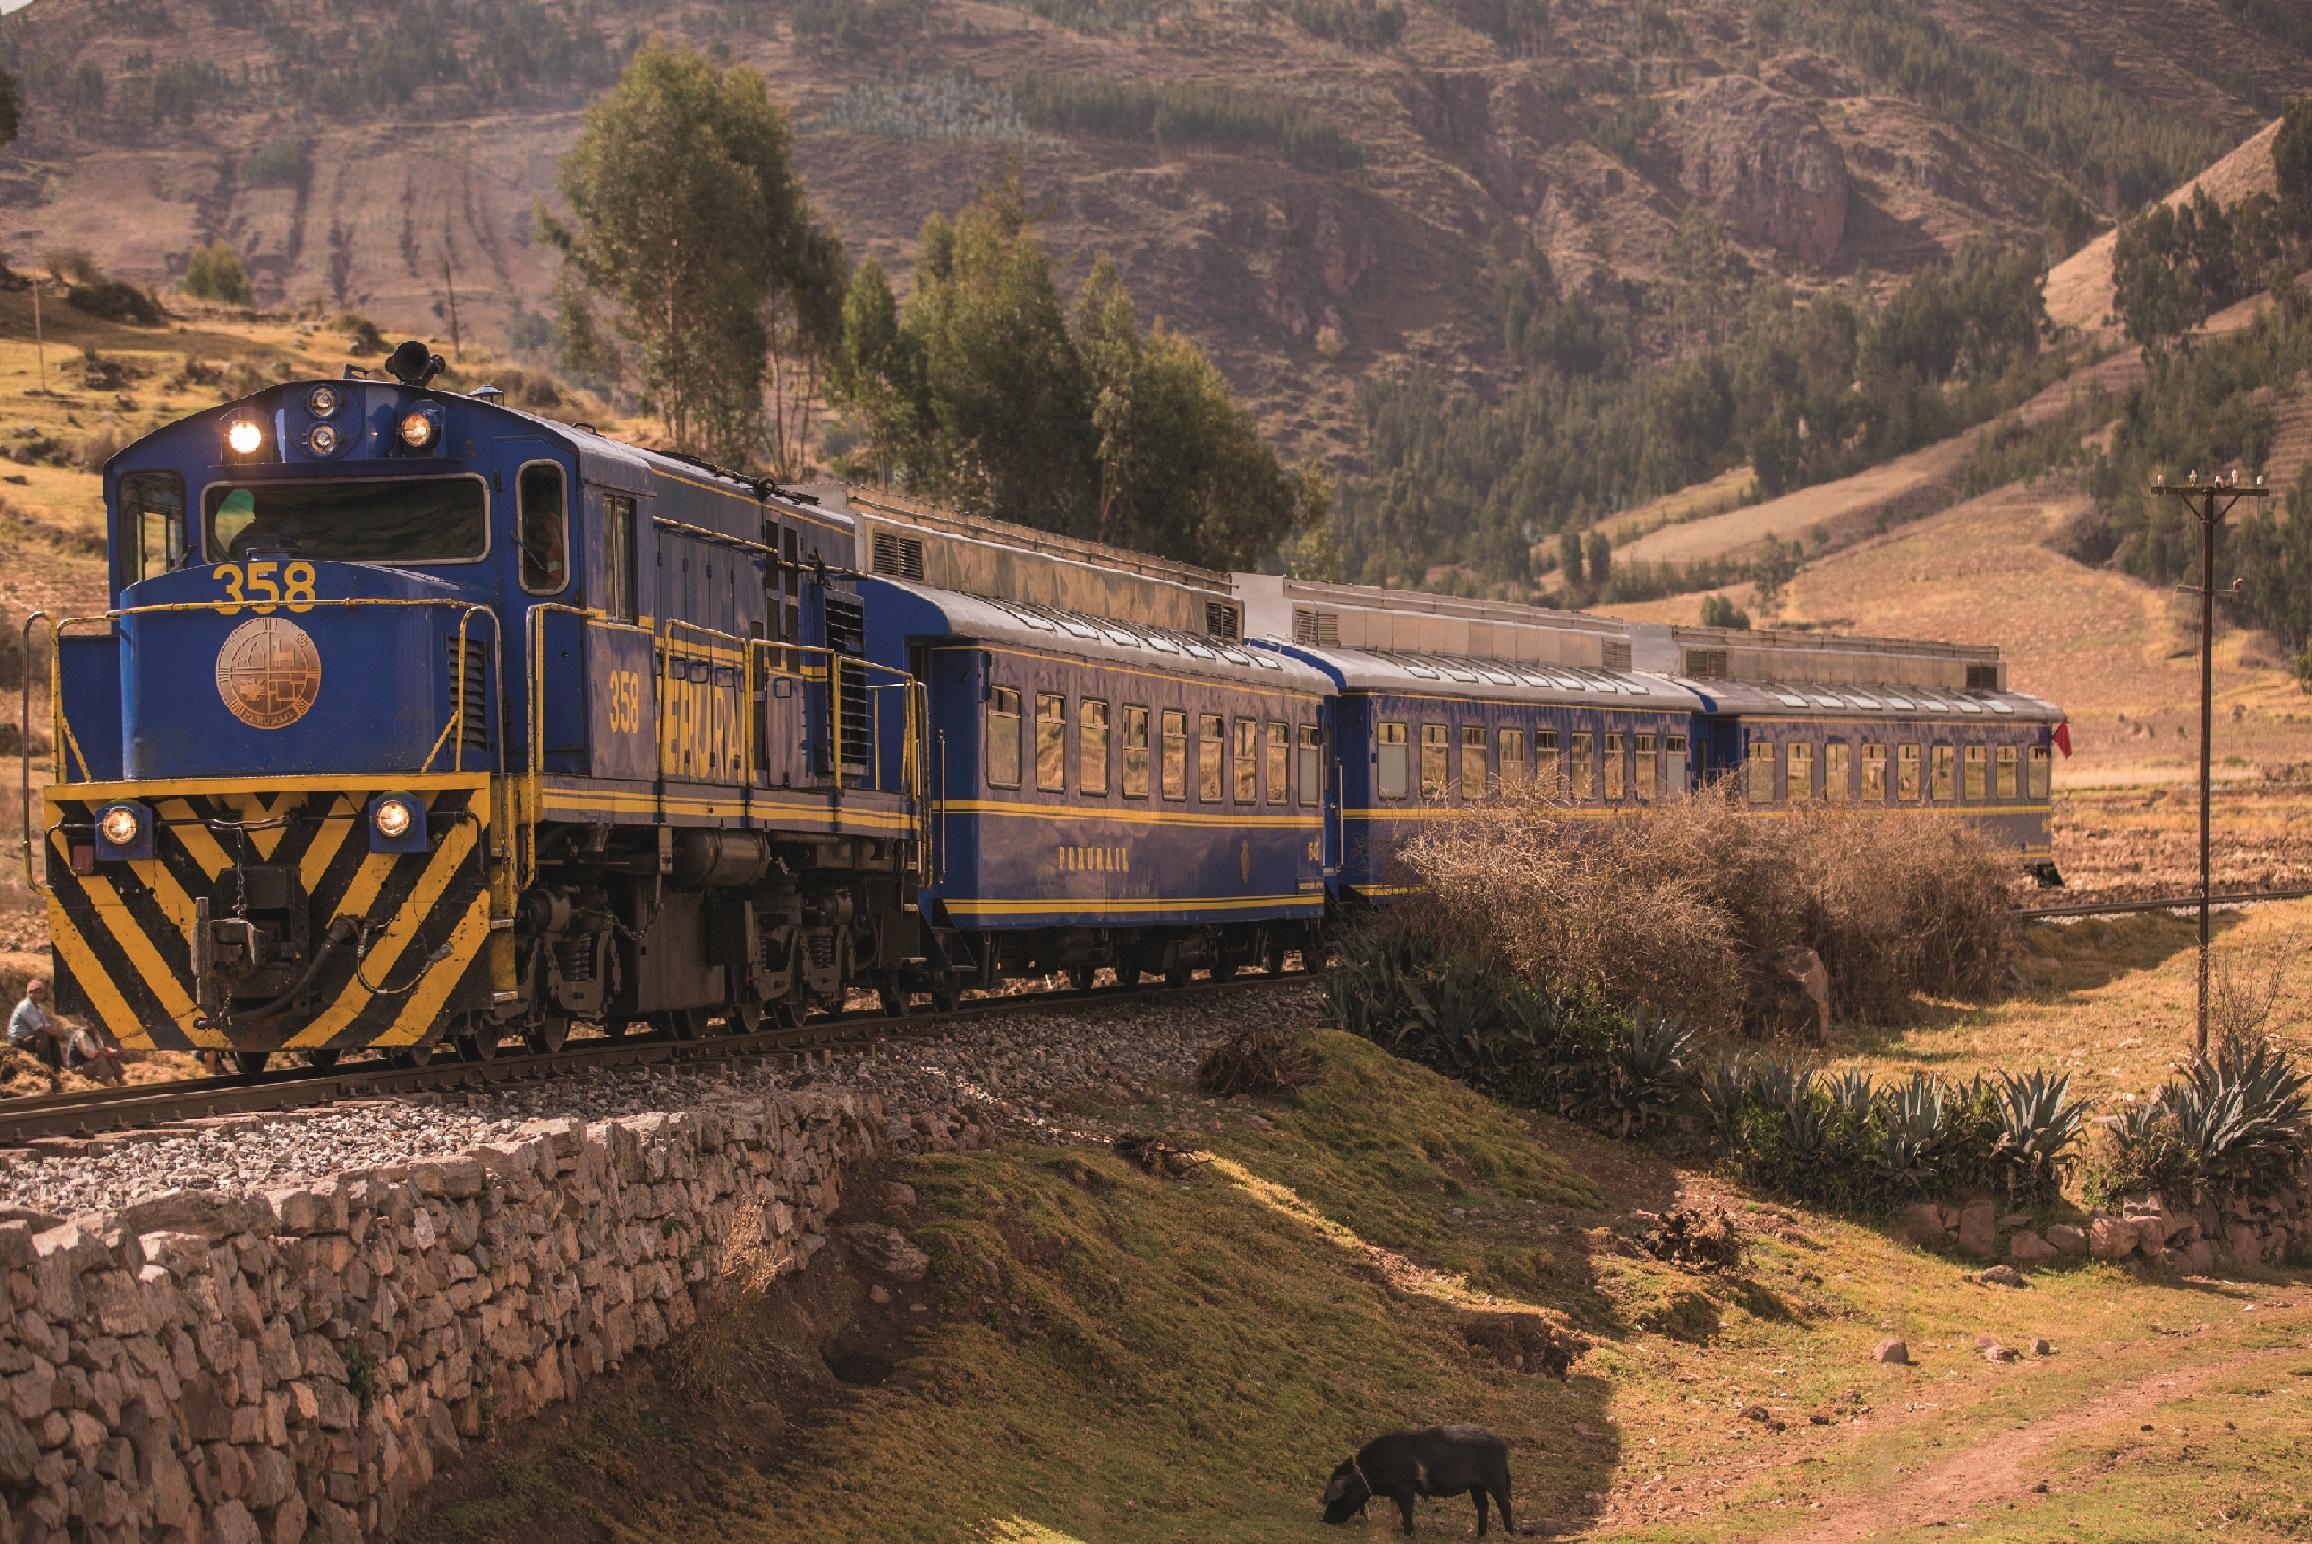 Viaja a Machu Picchu con tarifas desde S/ 15 en trenes turísticos